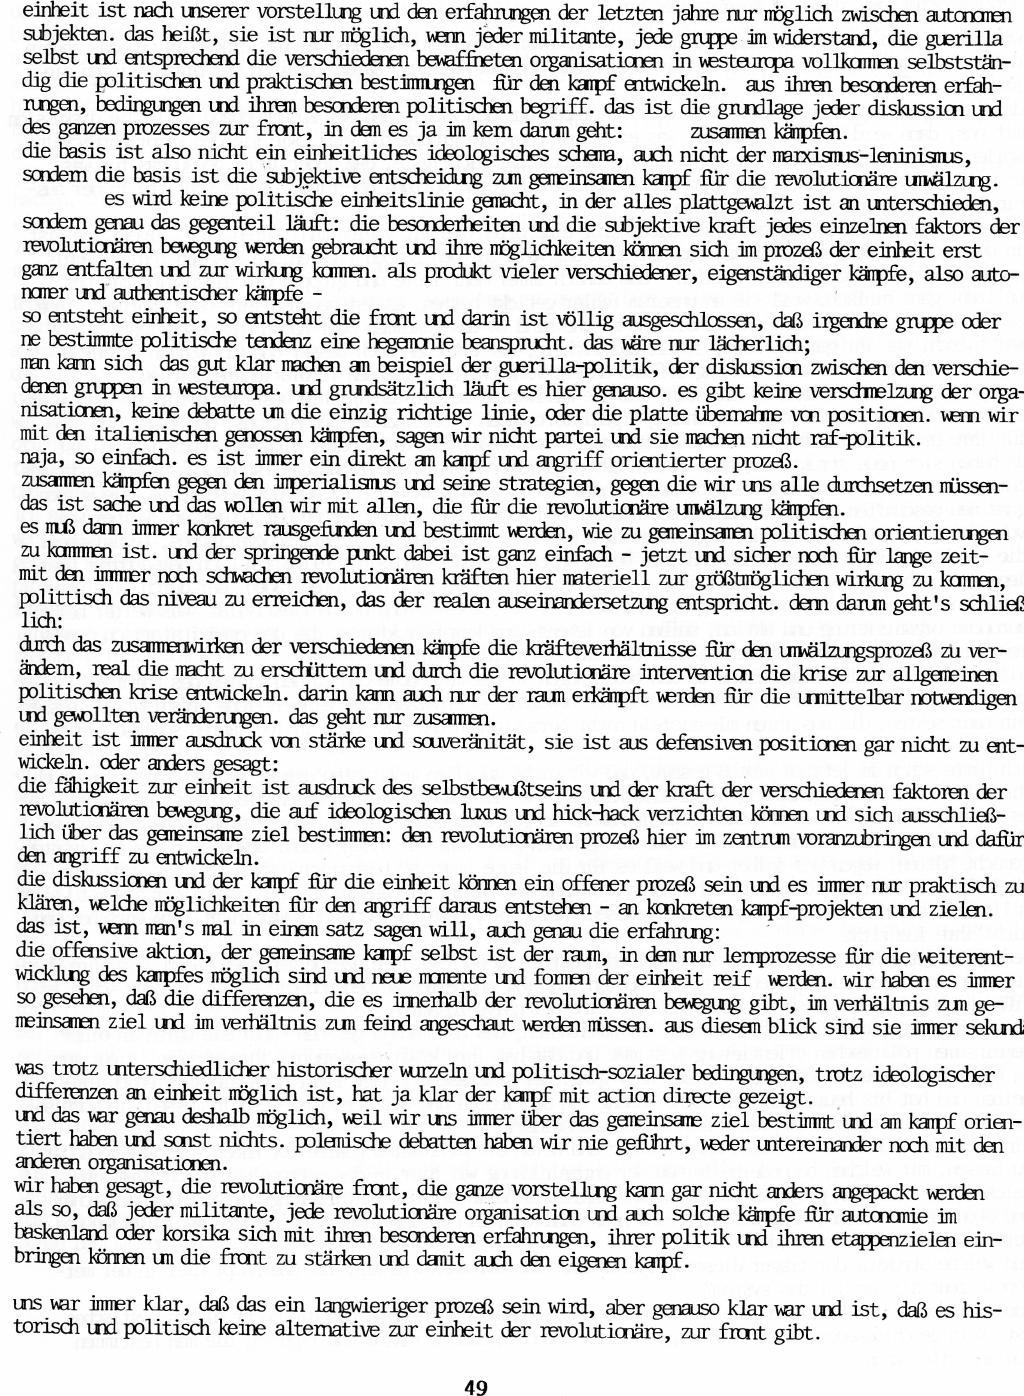 Duesseldorf_1989_Sechs_Politische_Gefangene_049